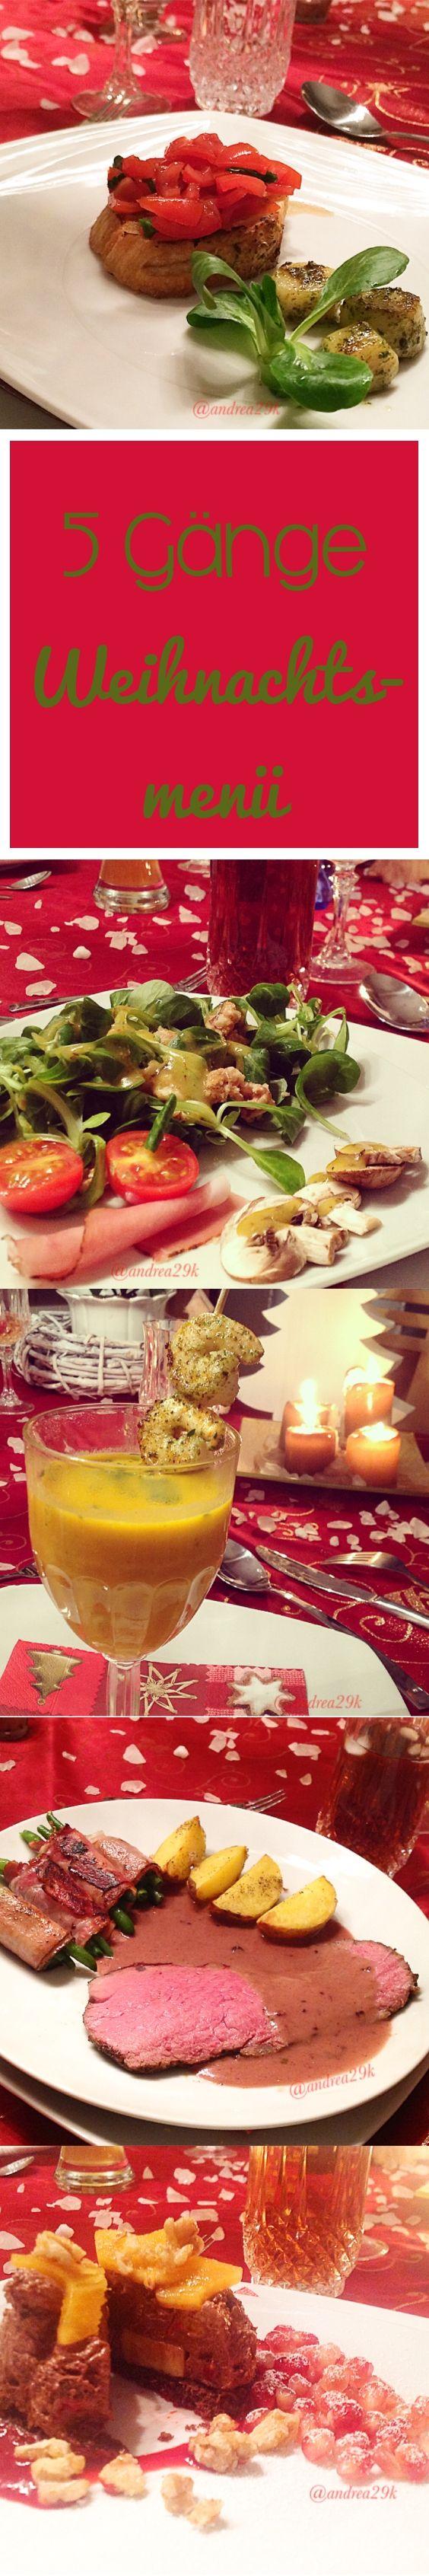 Mein 5-Gänge-Weihnachtsmenü! Vorspeise: Bruschetta mit Jakobsmuscheln 1. Zwischengang: Salat mit karamellisierten Walnüssen 2. Zwischengang: Scharfe Ingwer-Kürbissuppe Hauptgang: Roastbeef mit Rosmarinkartoffeln Nachspeise: Mousse au Chocolat Törtchen #weihnachten #menü #vorspeise #zwischengang #hauptgang #dessert #suppe #salat #roastbeef